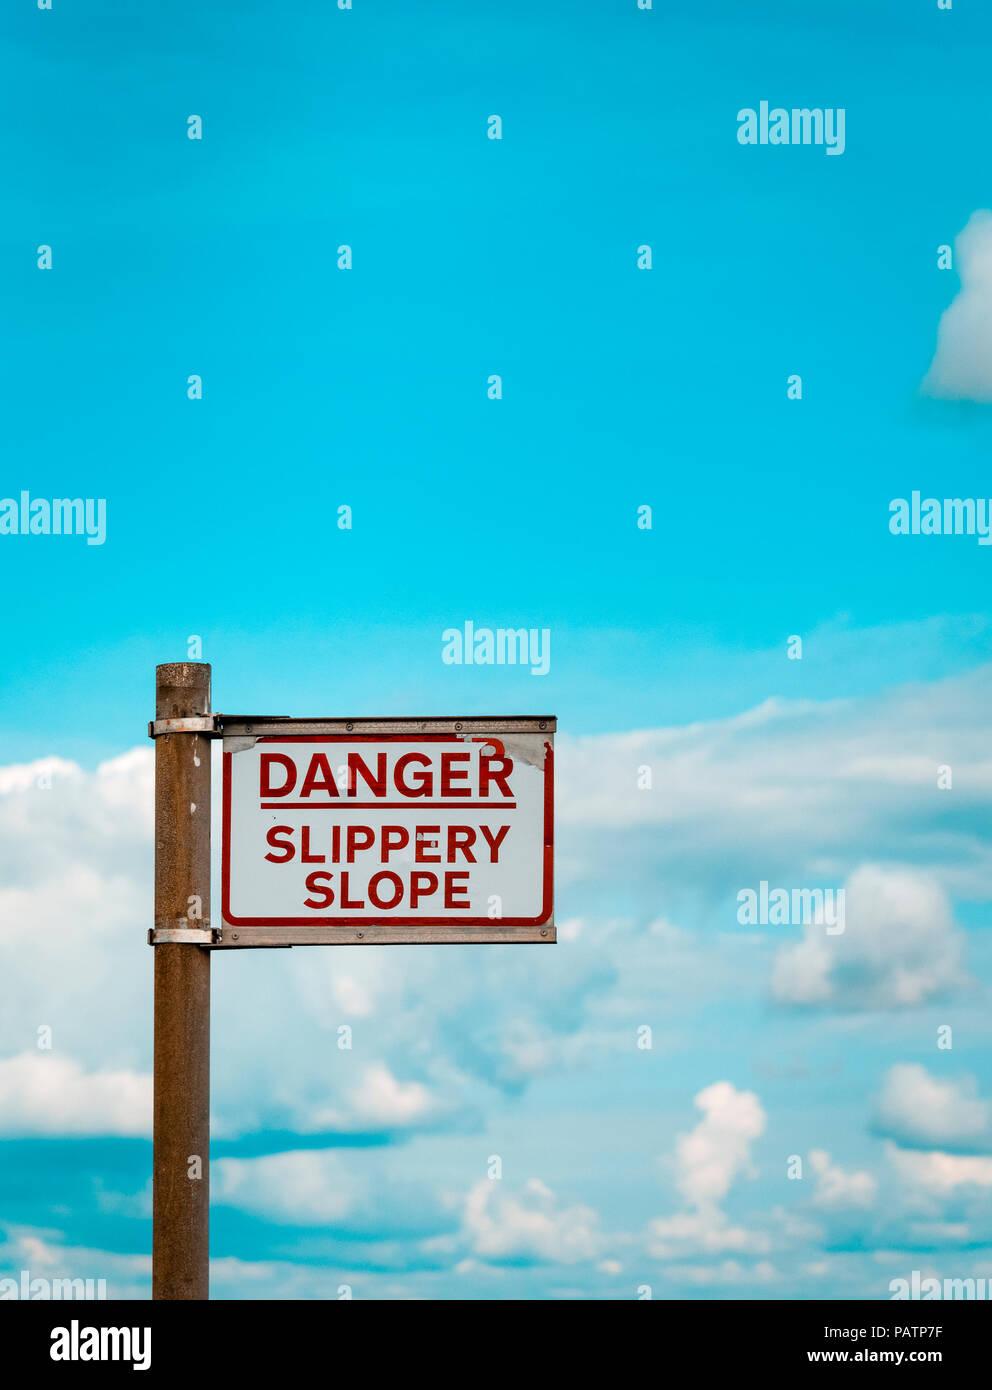 Danger Slippery Slope warning sign on Quayside - Stock Image